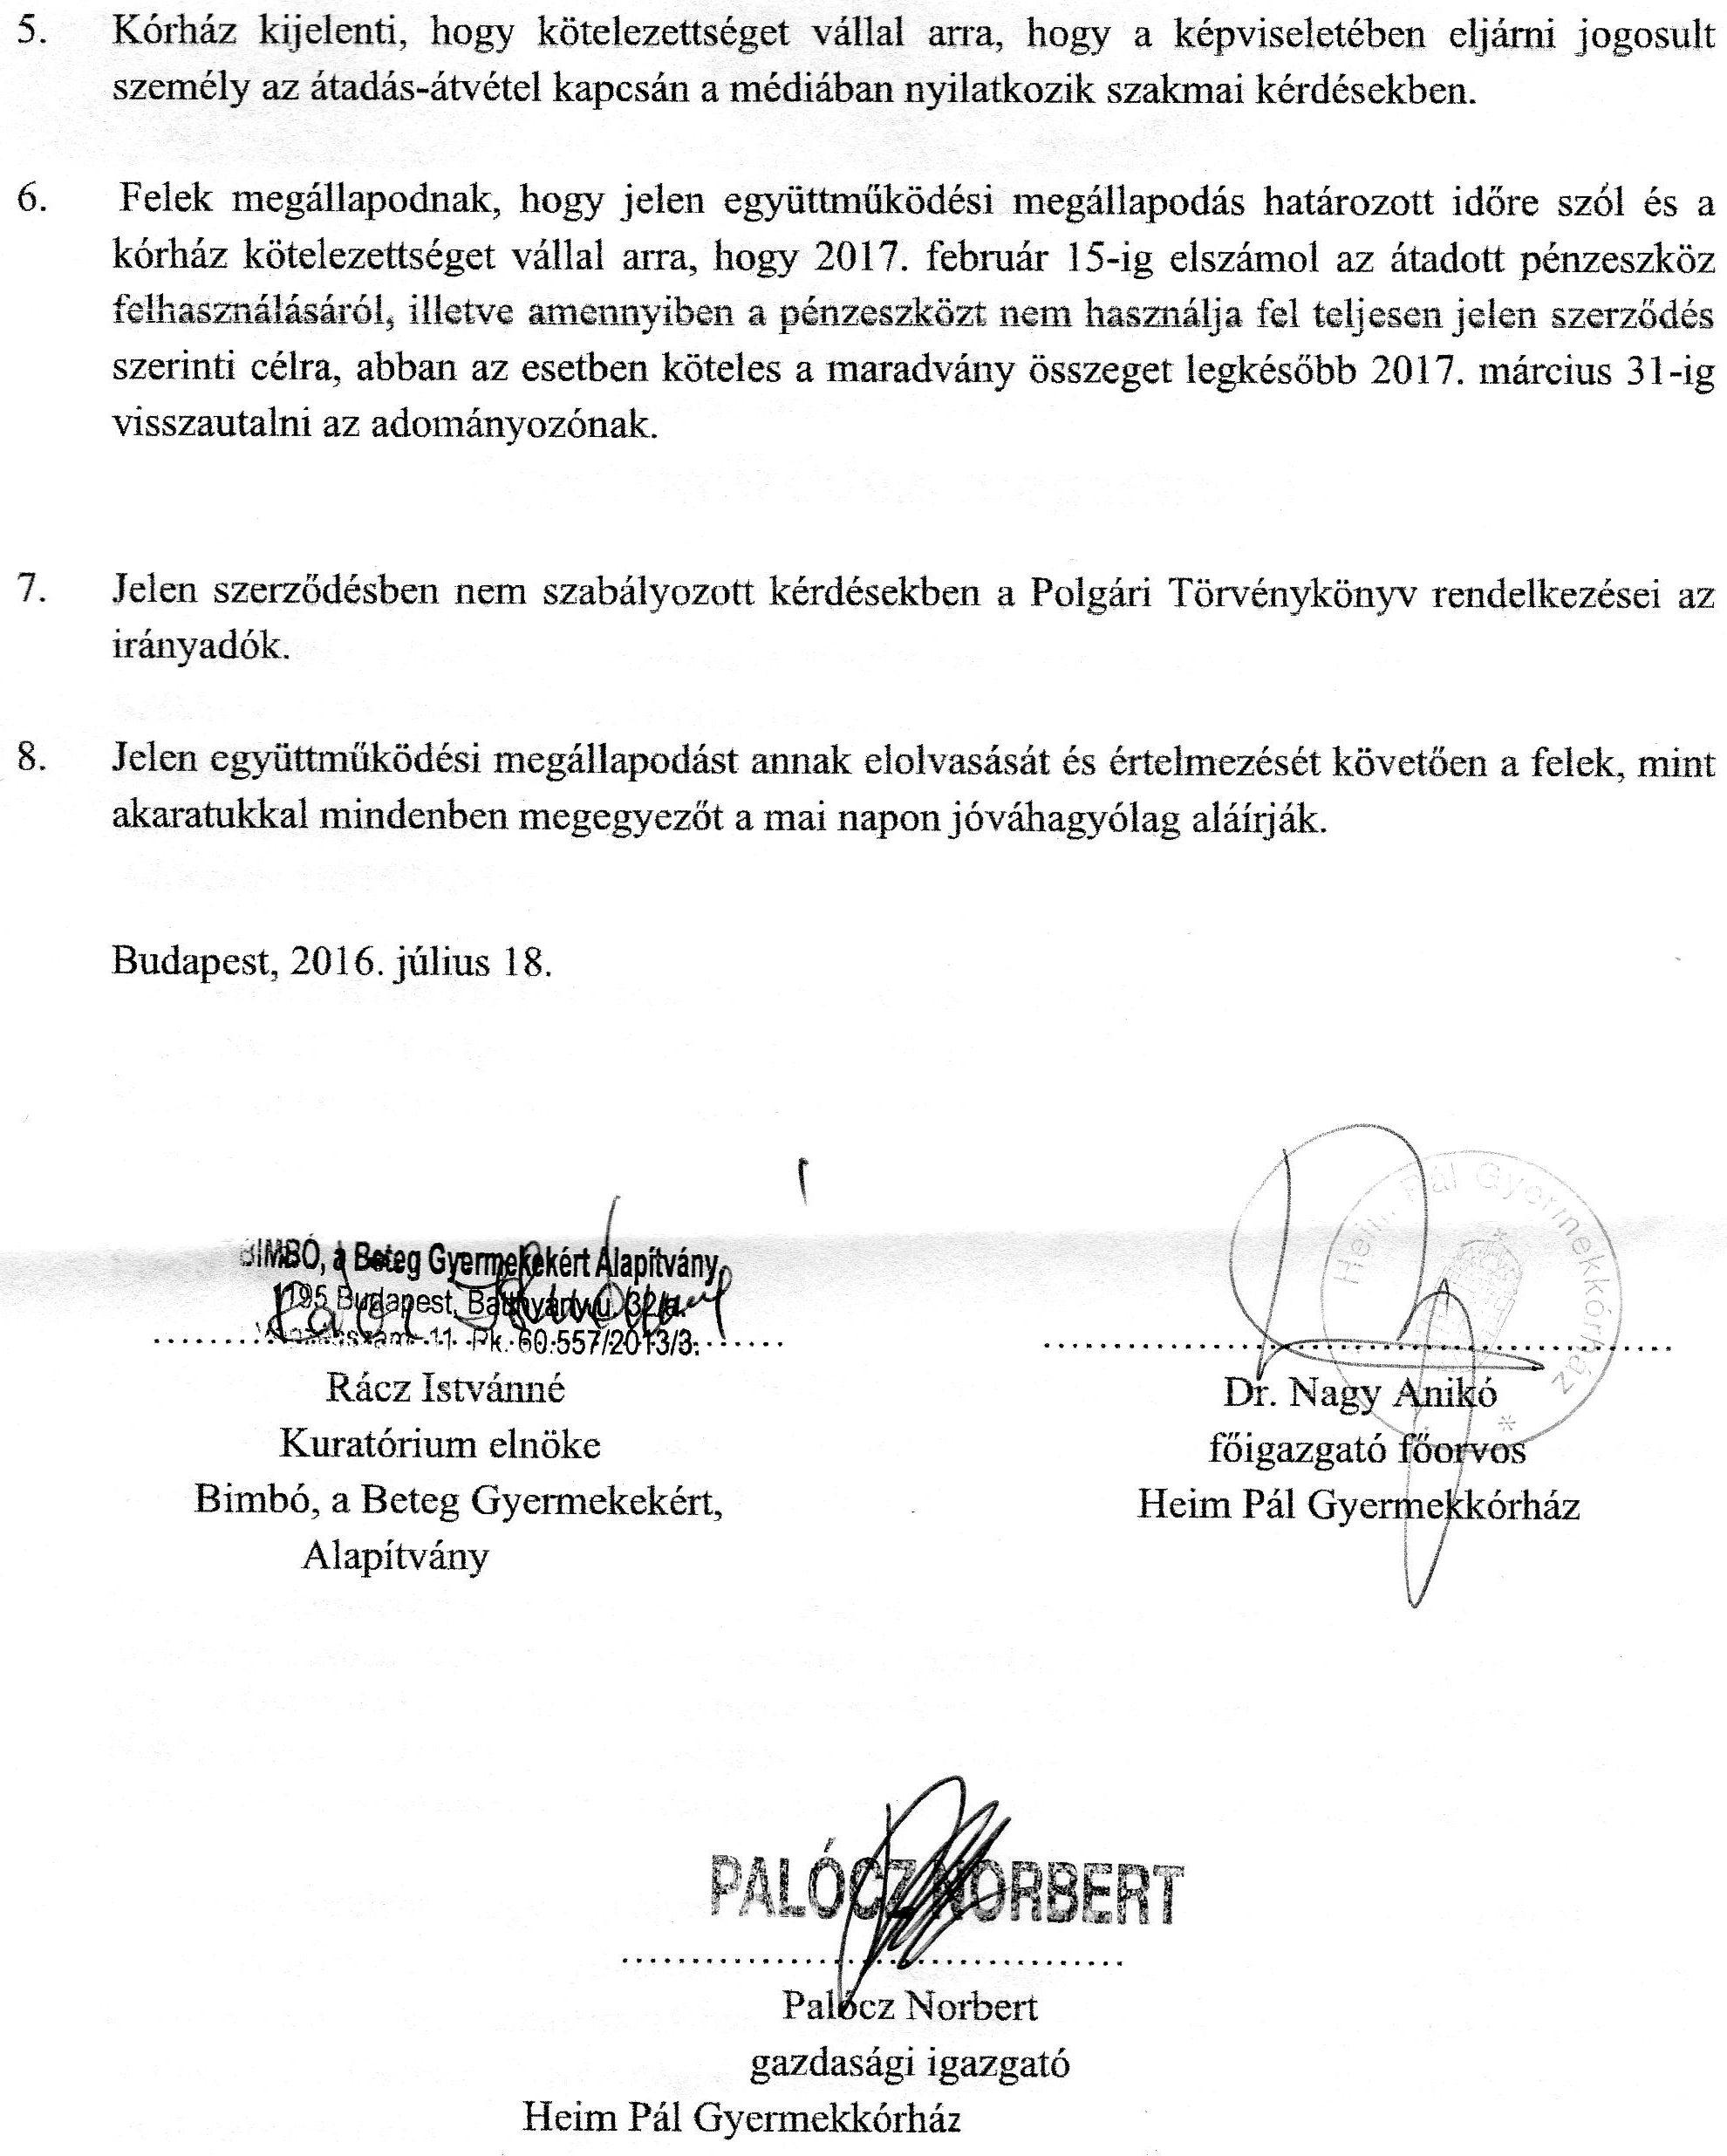 Heim Pál Együttműködési megállapodás 2016 2. oldal